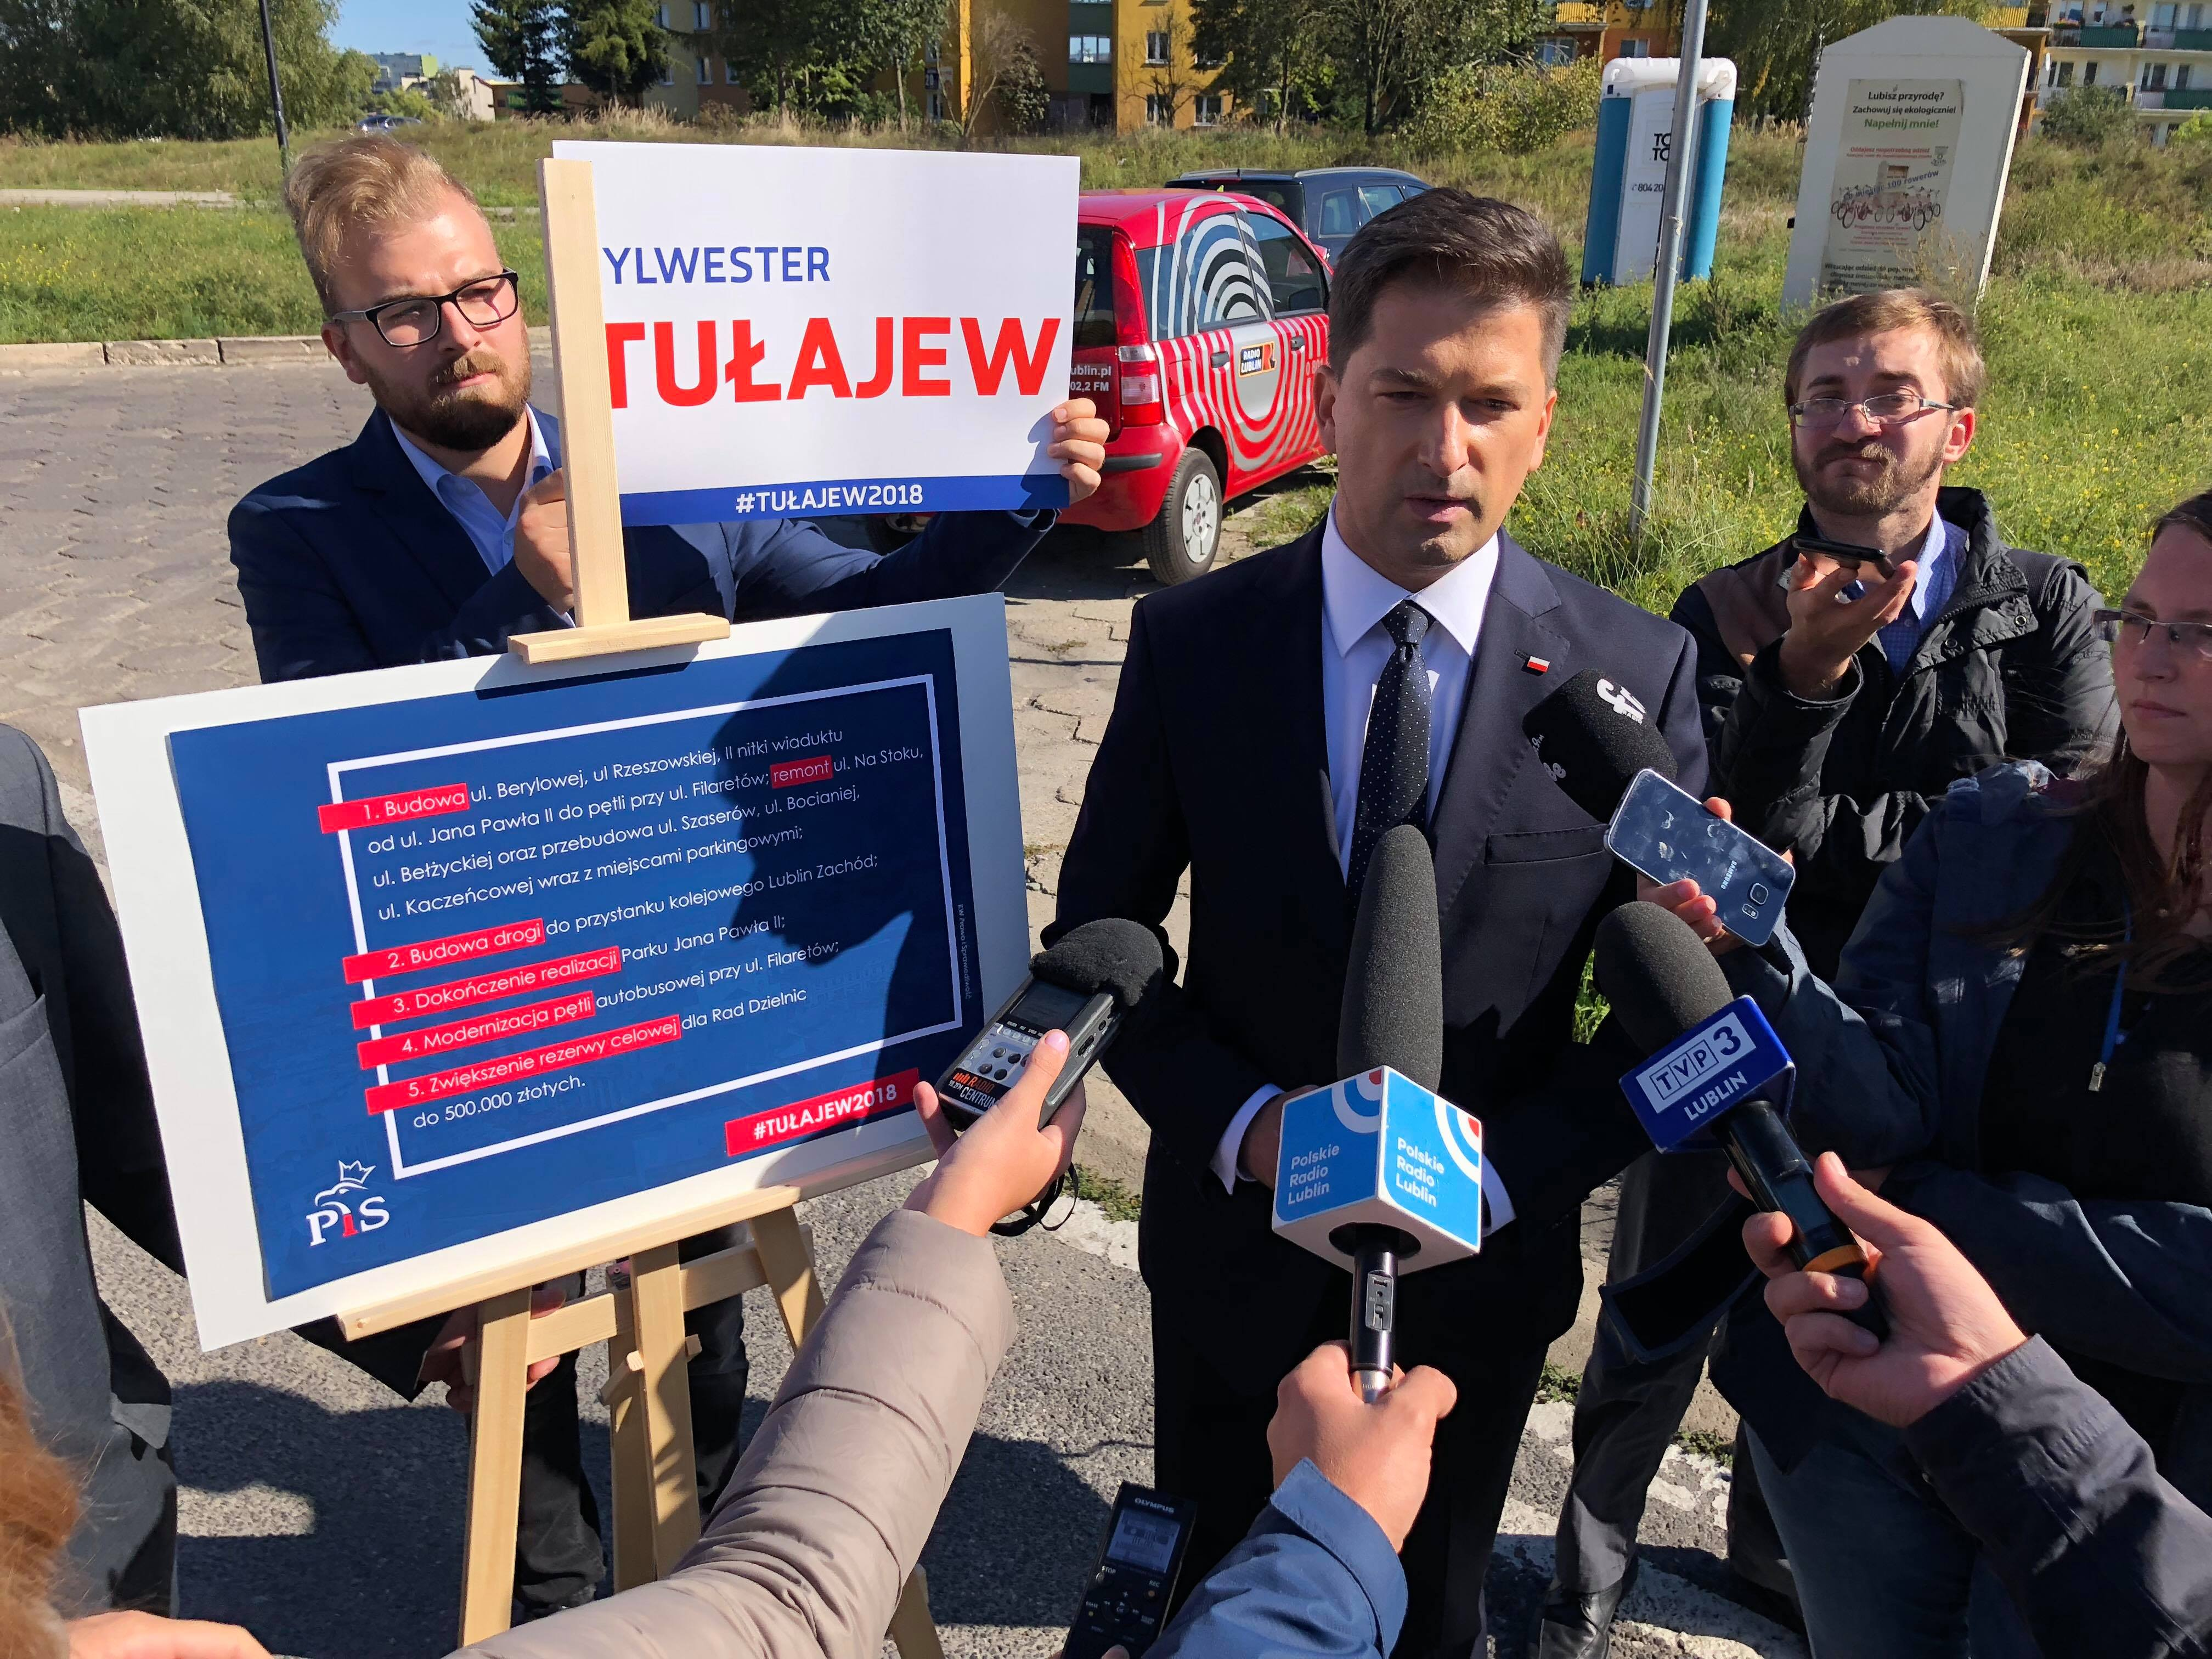 5 obietnic dla Czubów Sylwestra Tułajewa